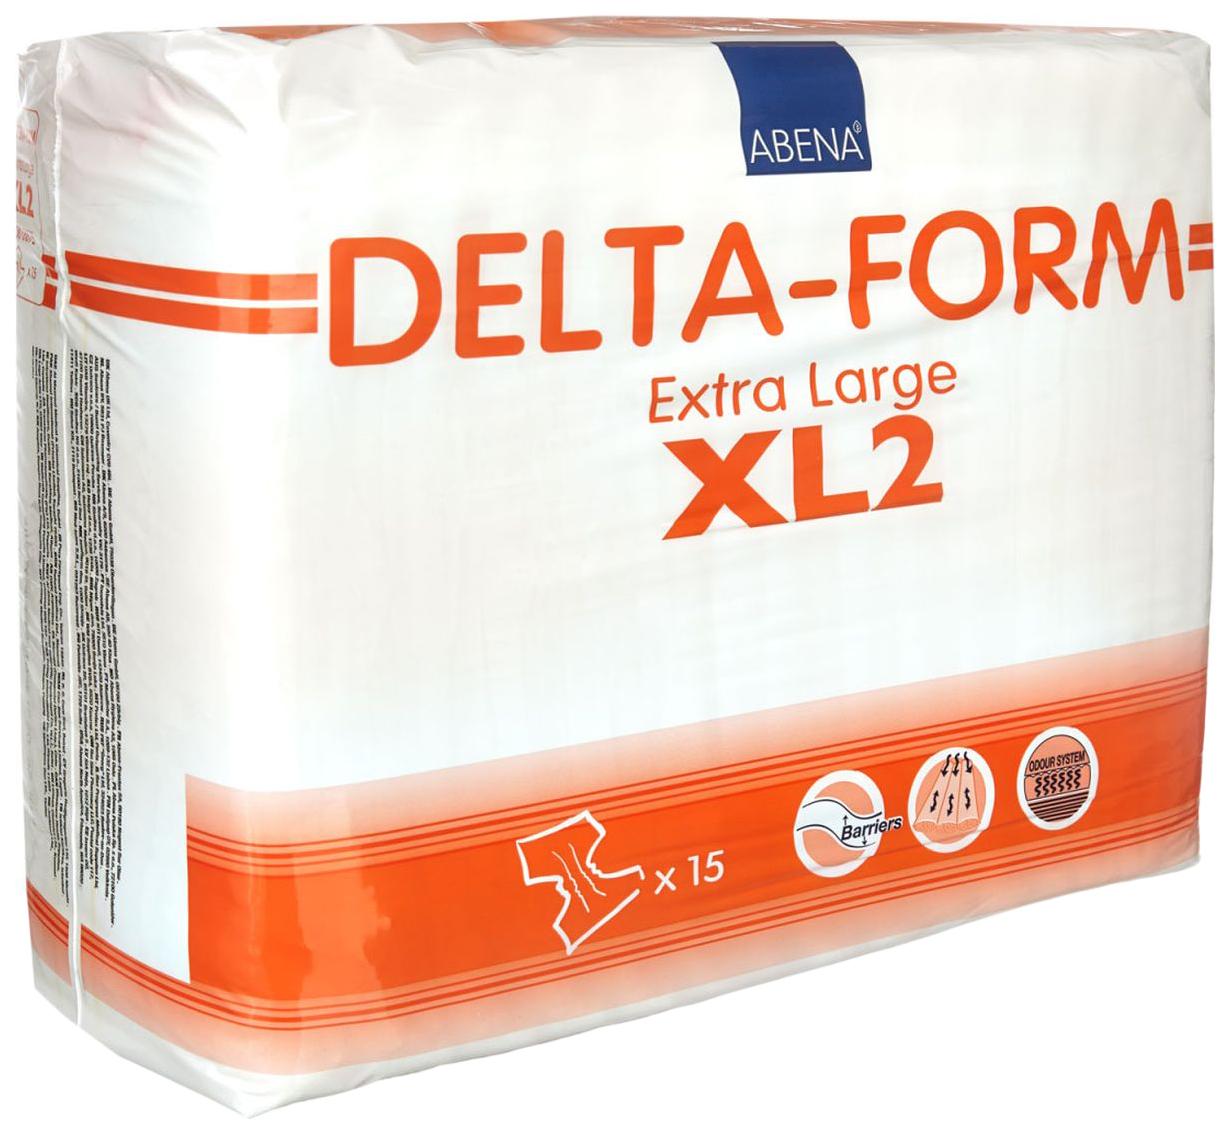 Купить 308875, Подгузники для взрослых XL2, 15 шт. Abena Delta-Form